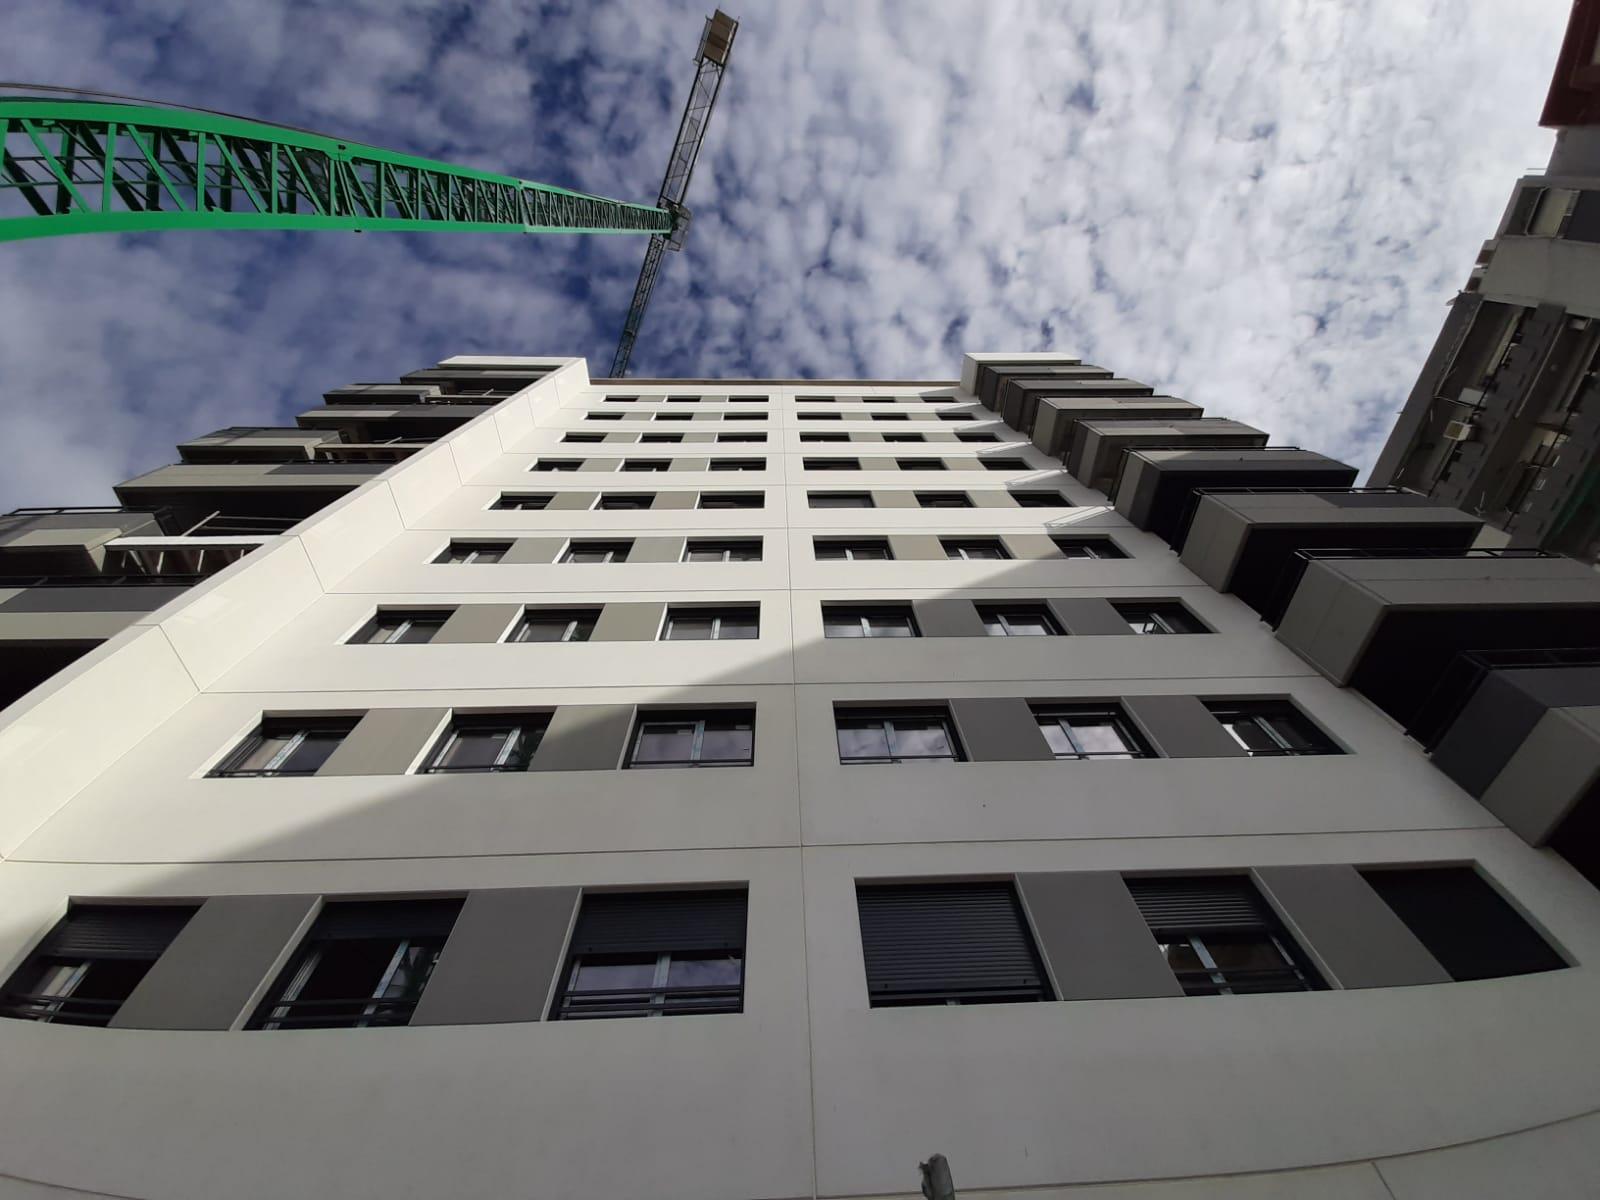 Imagen de la noticia sobre Avance de obras Edificio Adagio en Malilla (Valencia)